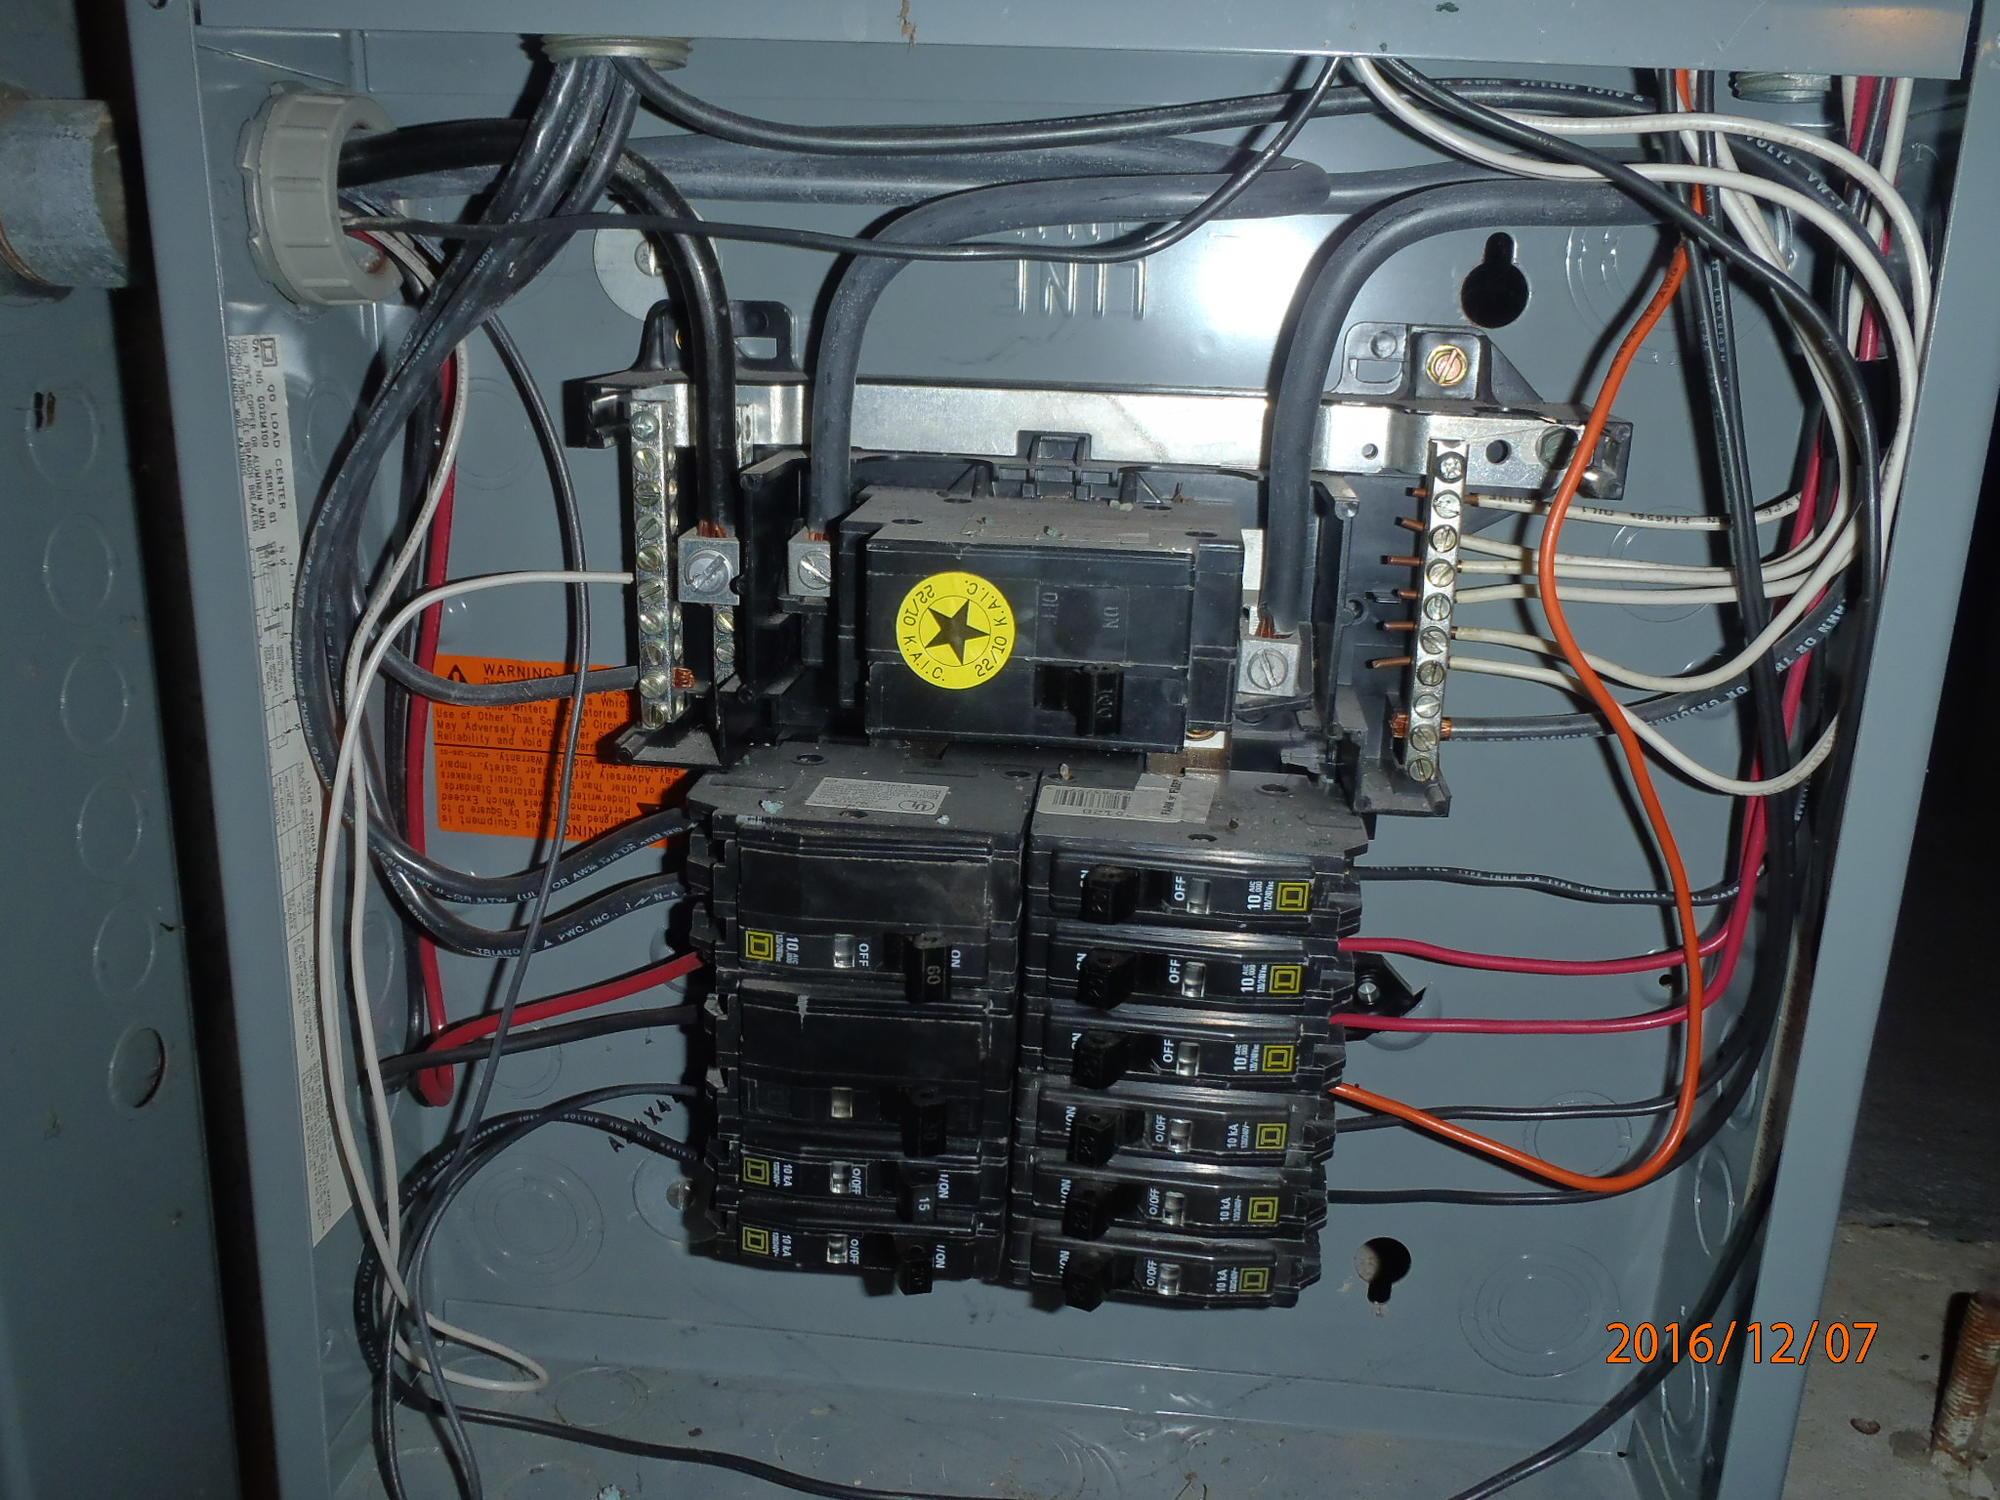 100 Amp Service Wiring Diagram Honda Accord Brake Light Wiring Diagram 2006cruisers Yenpancane Jeanjaures37 Fr